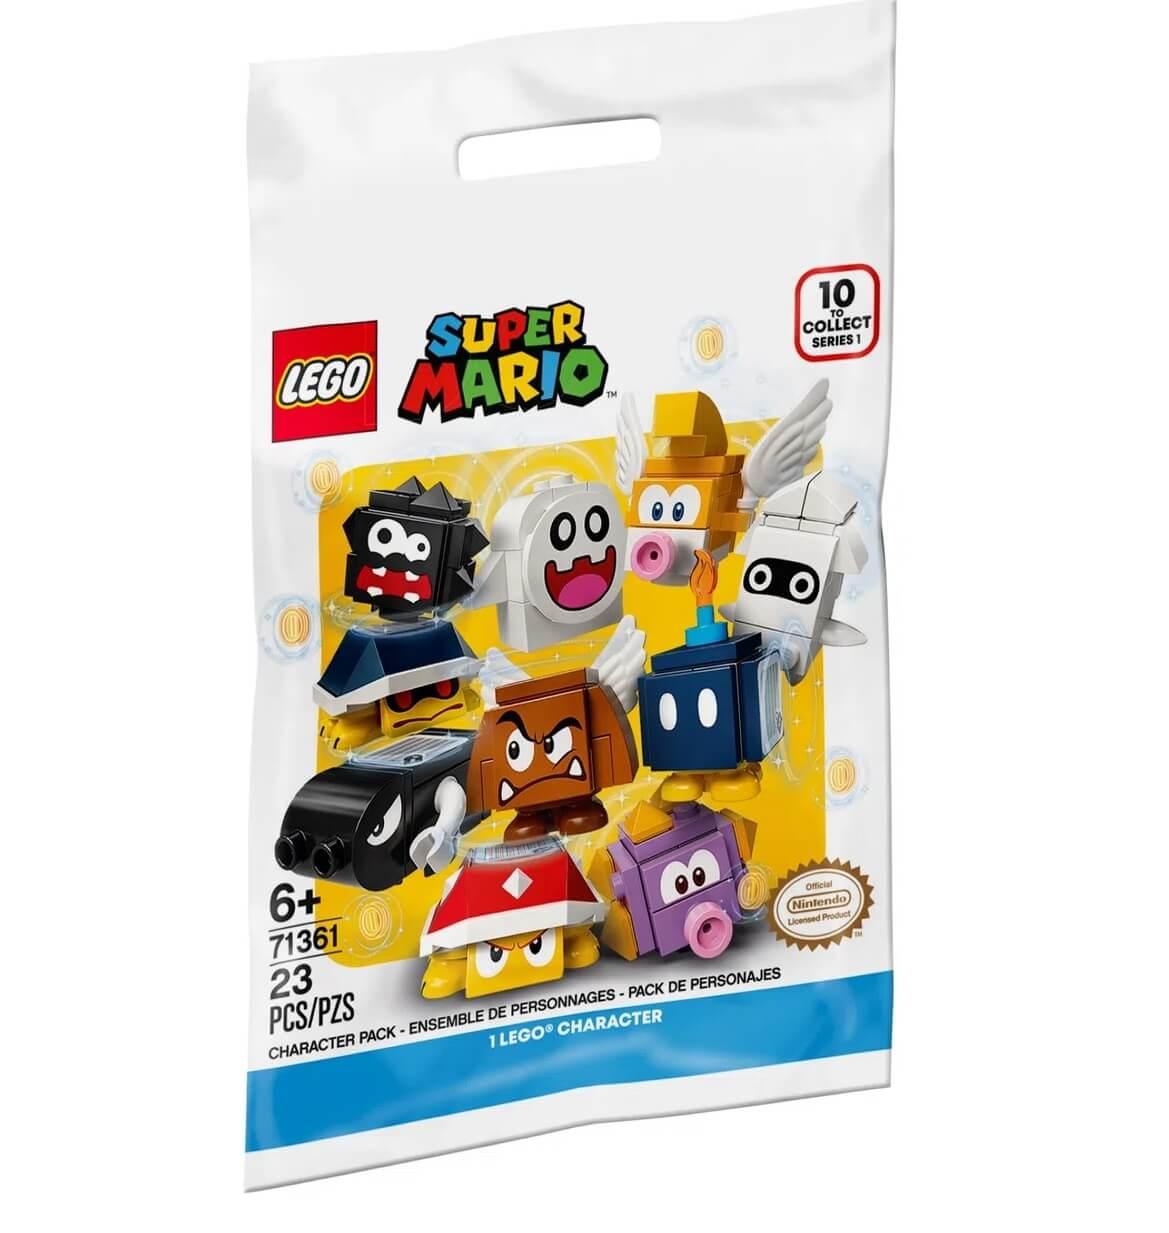 Lego Super Mario Pacote Surpresa Personagens Unitário 71361